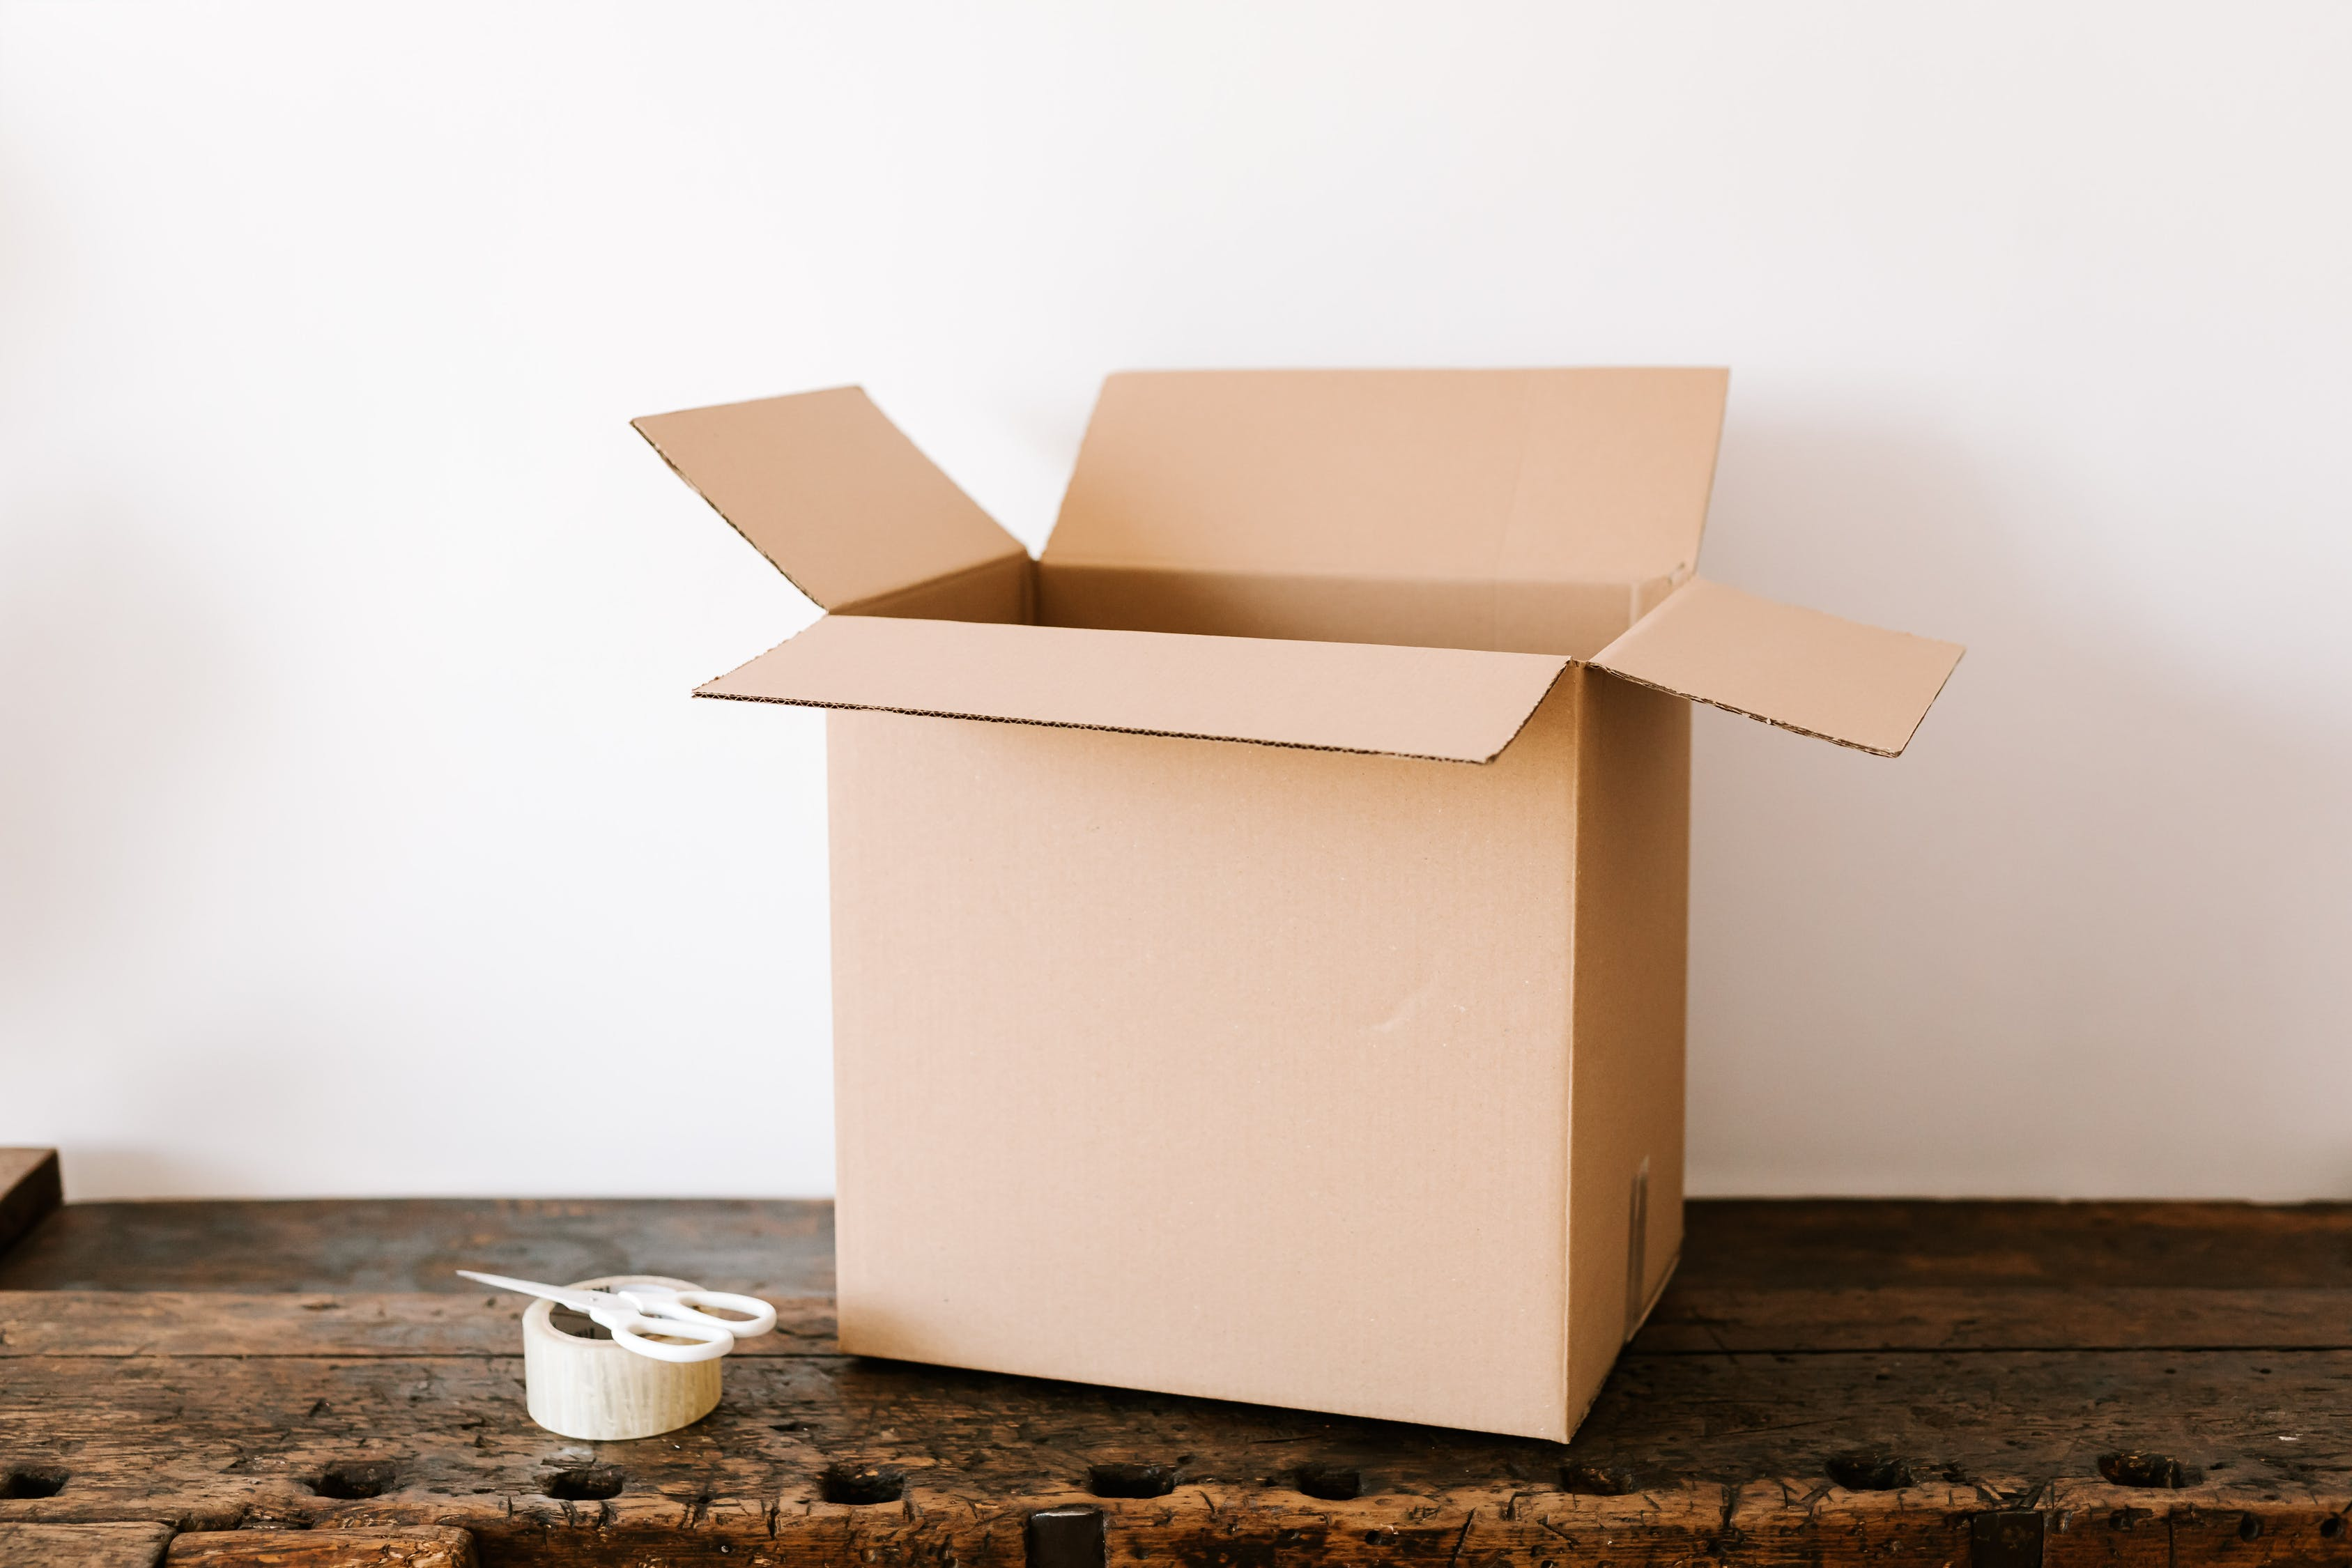 Ecoconcevoir vos emballages est indispensable pour répondre aux enjeux environnementaux.